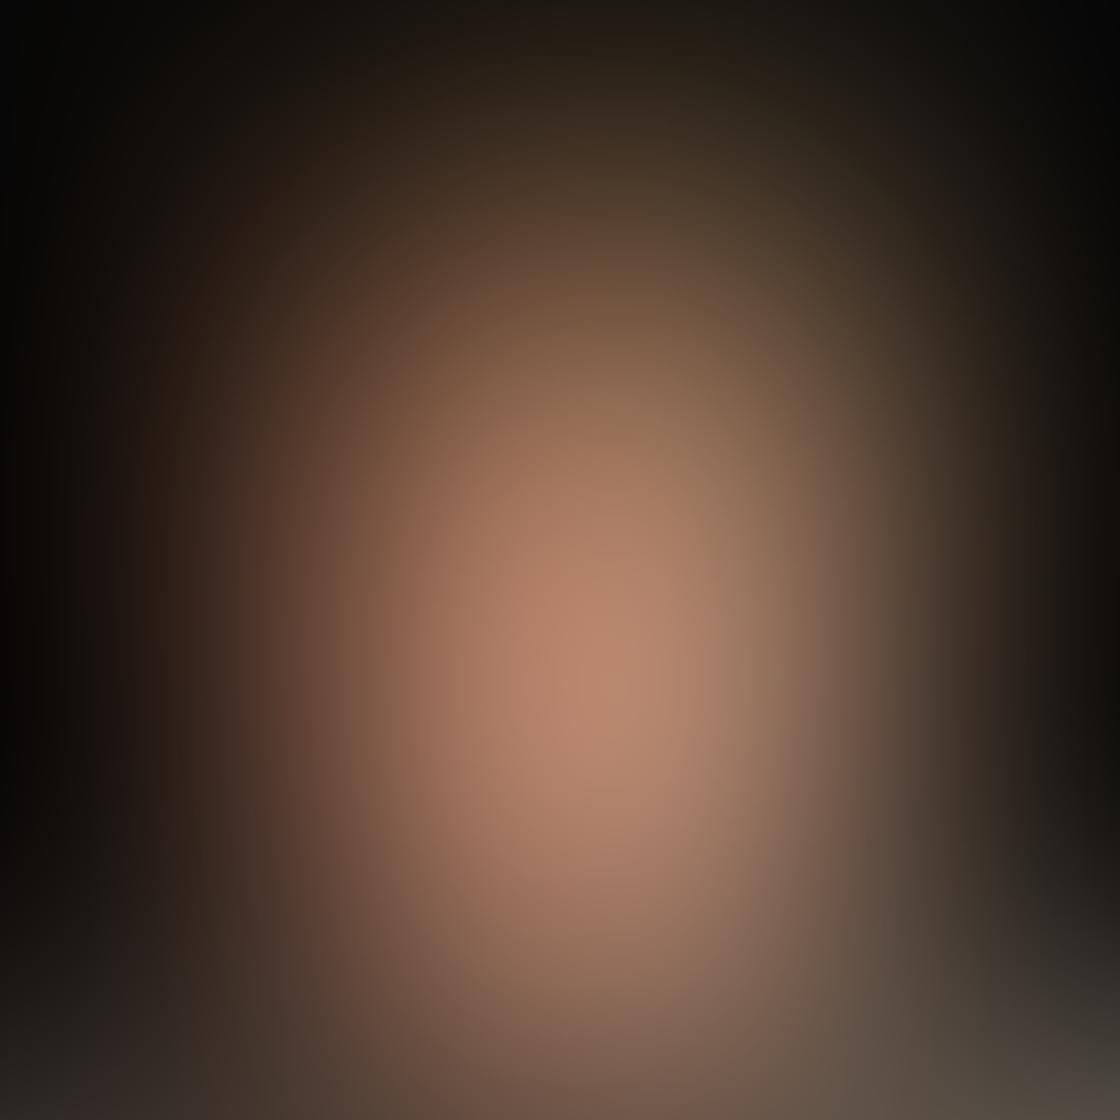 Ztylus Z-Prime iPhone Lens 17